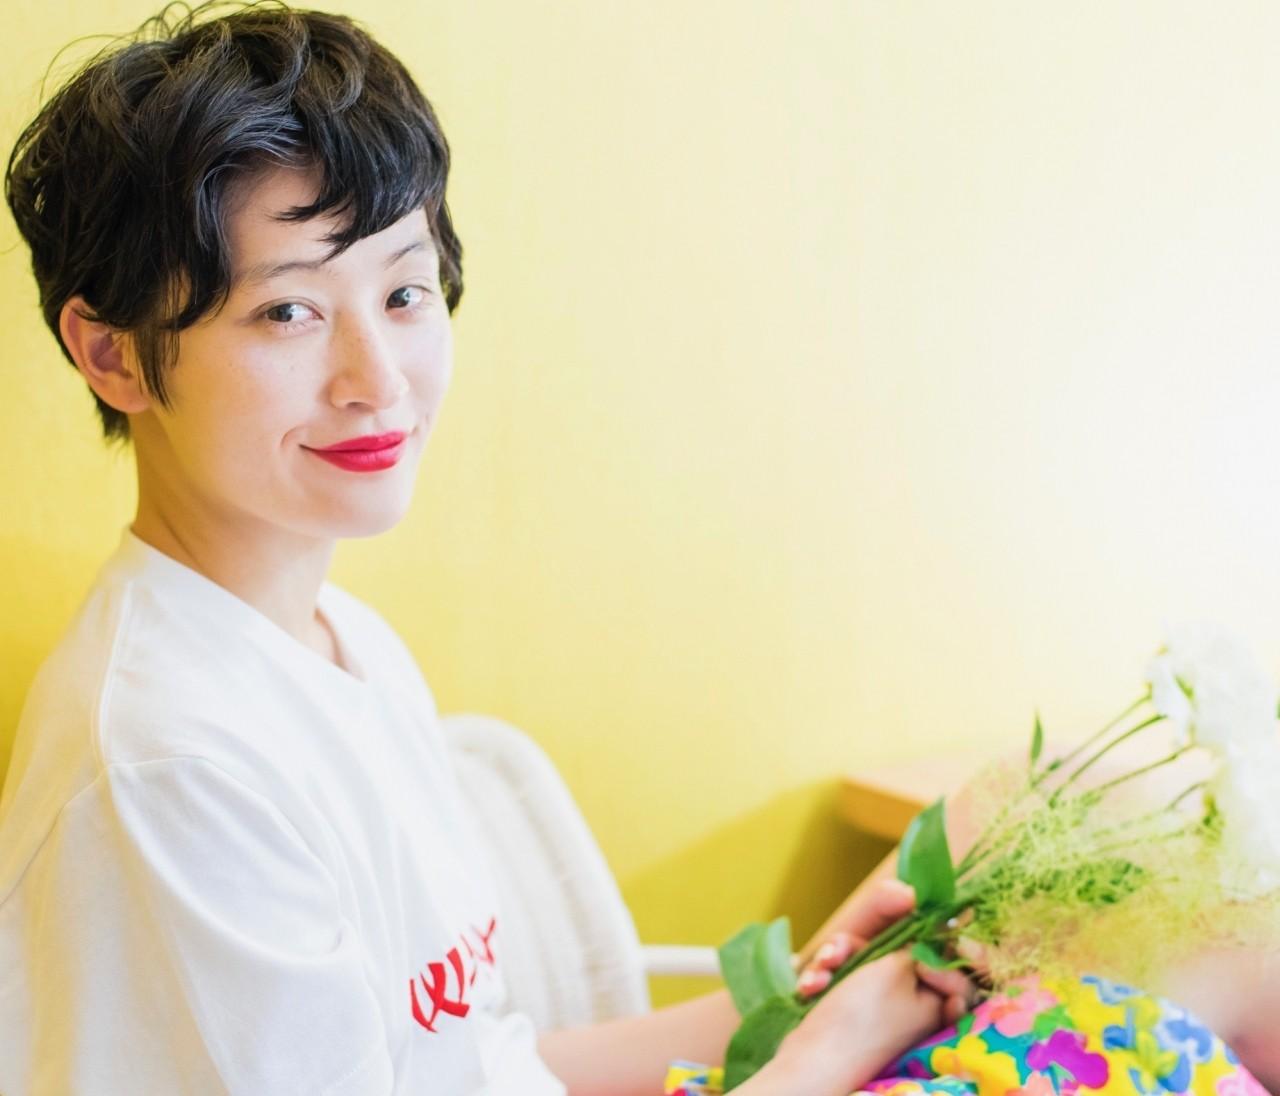 コムアイに学ぶ、働く女子が持つべき5つのポジティブ思考【水曜日のカンパネラ】